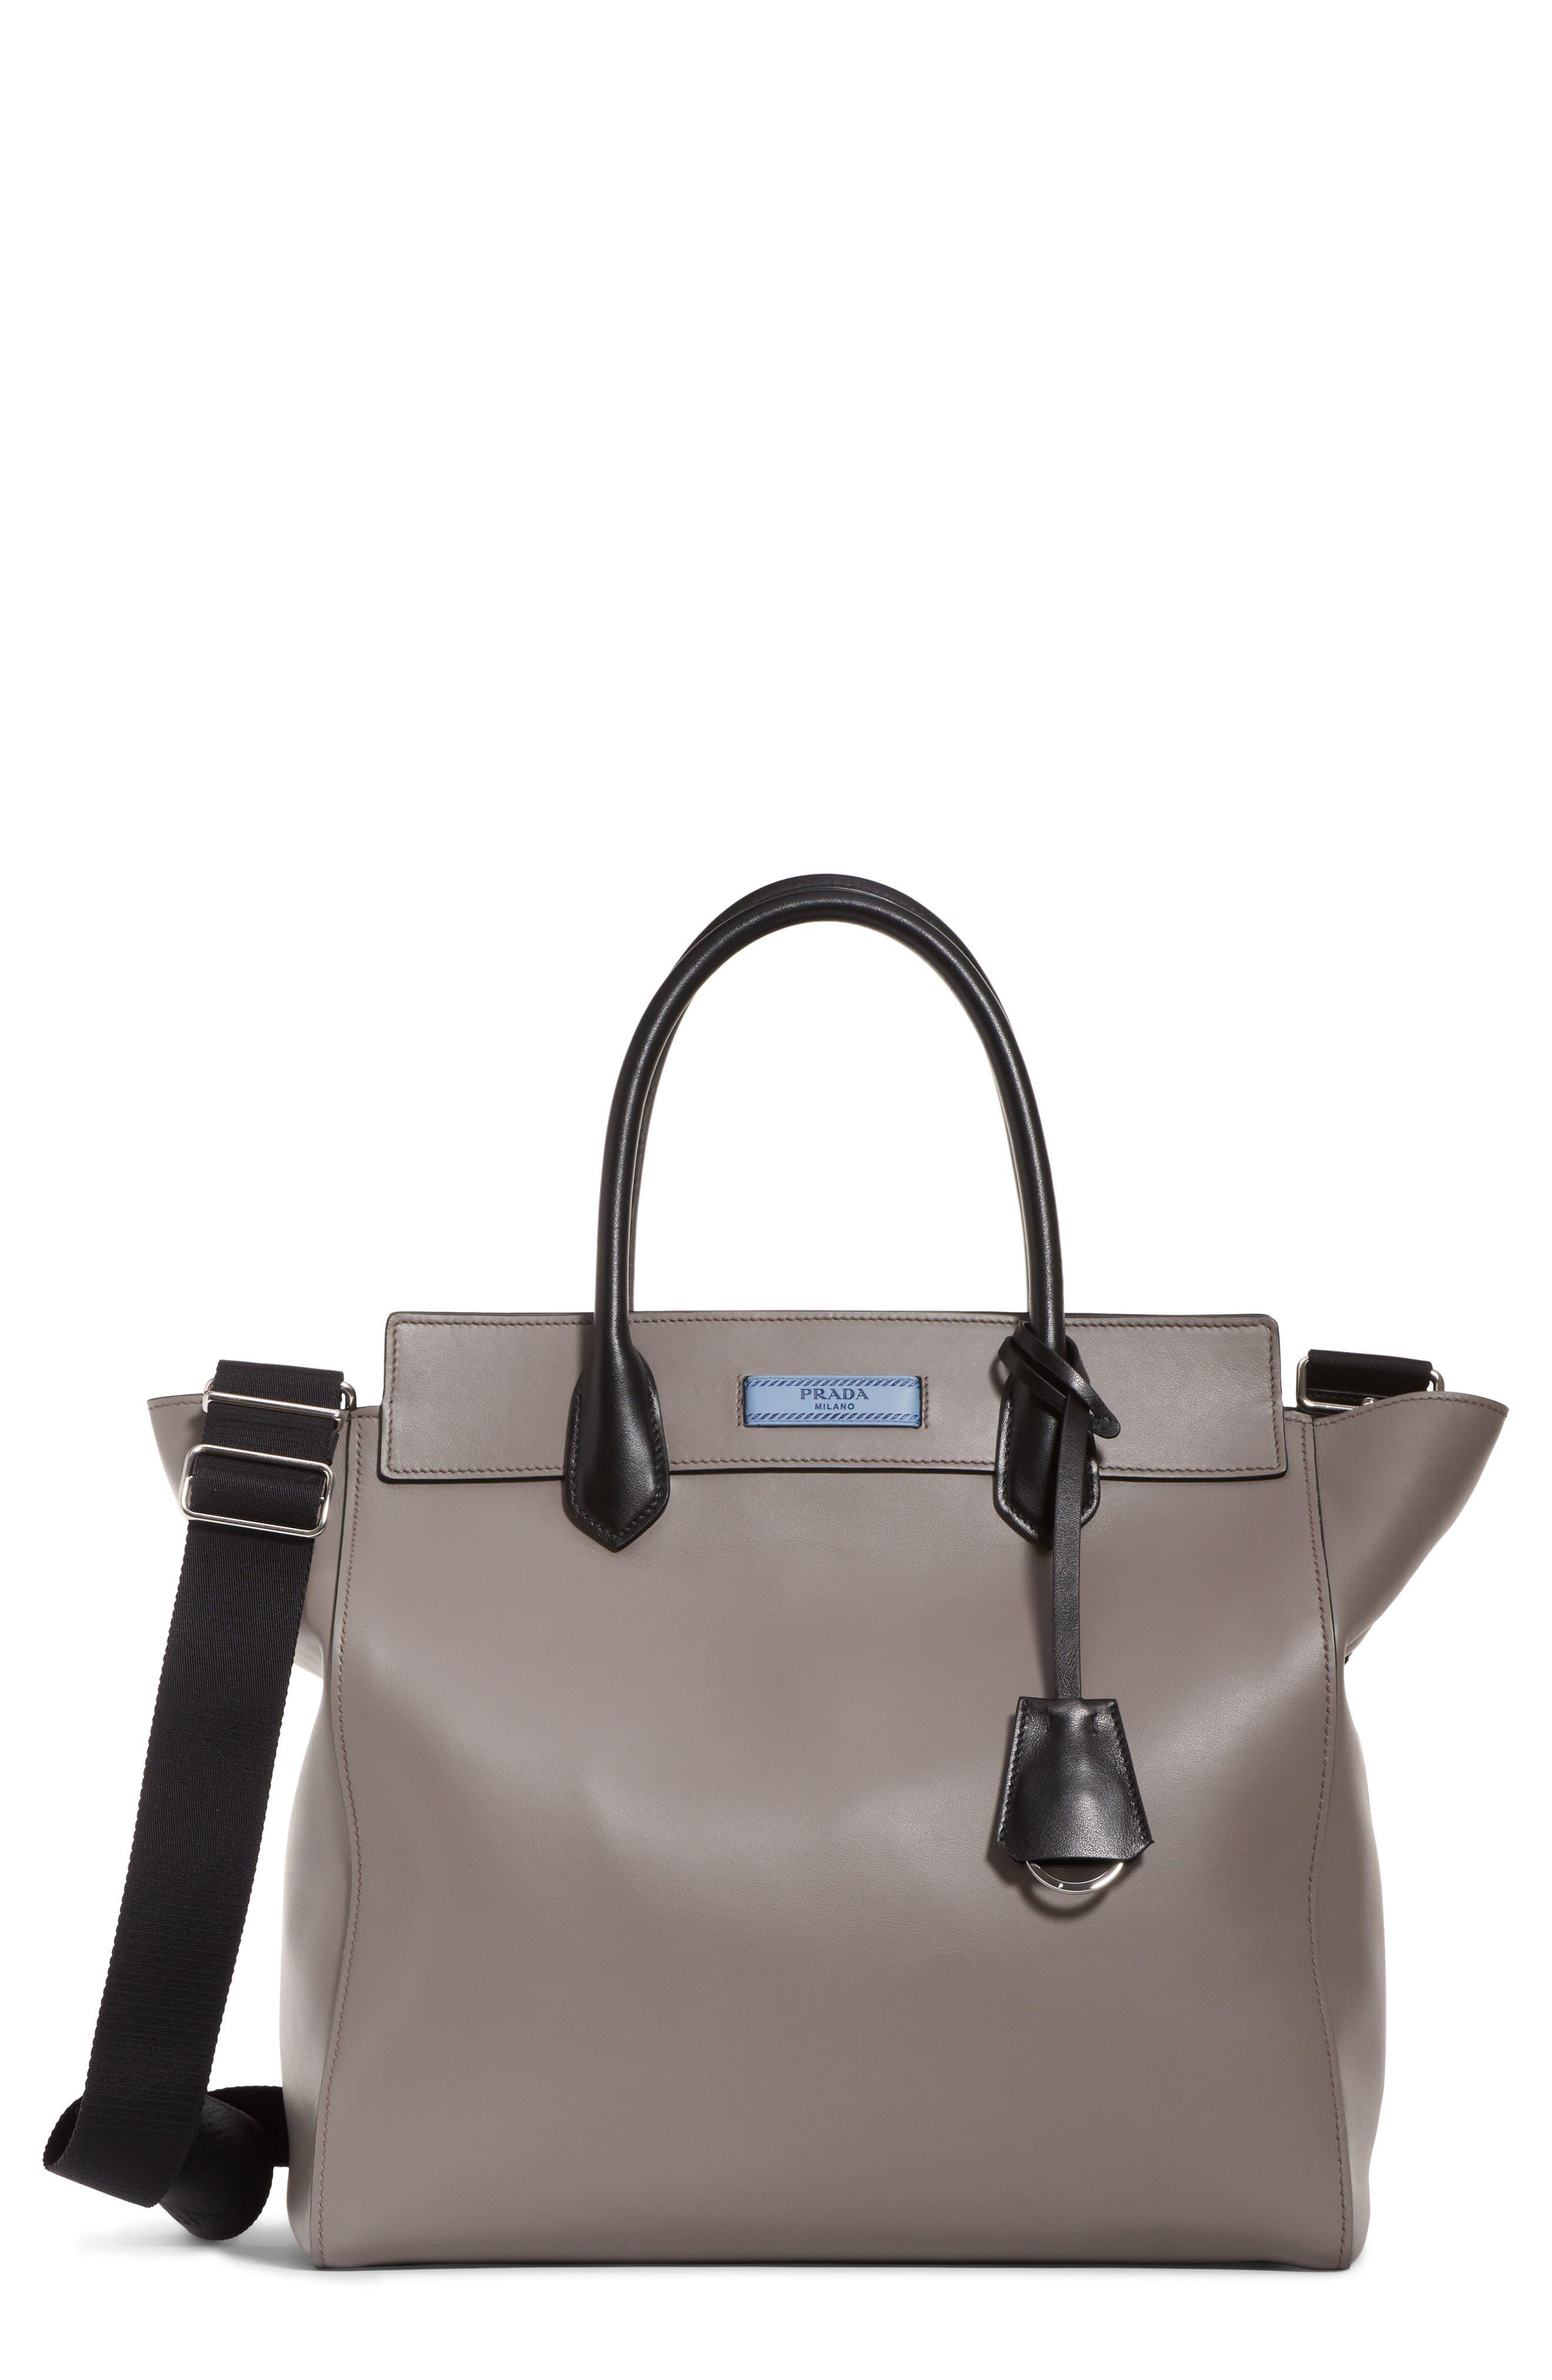 Etiquette Leather Shoulder Bag,                             Main thumbnail 1, color,                             250